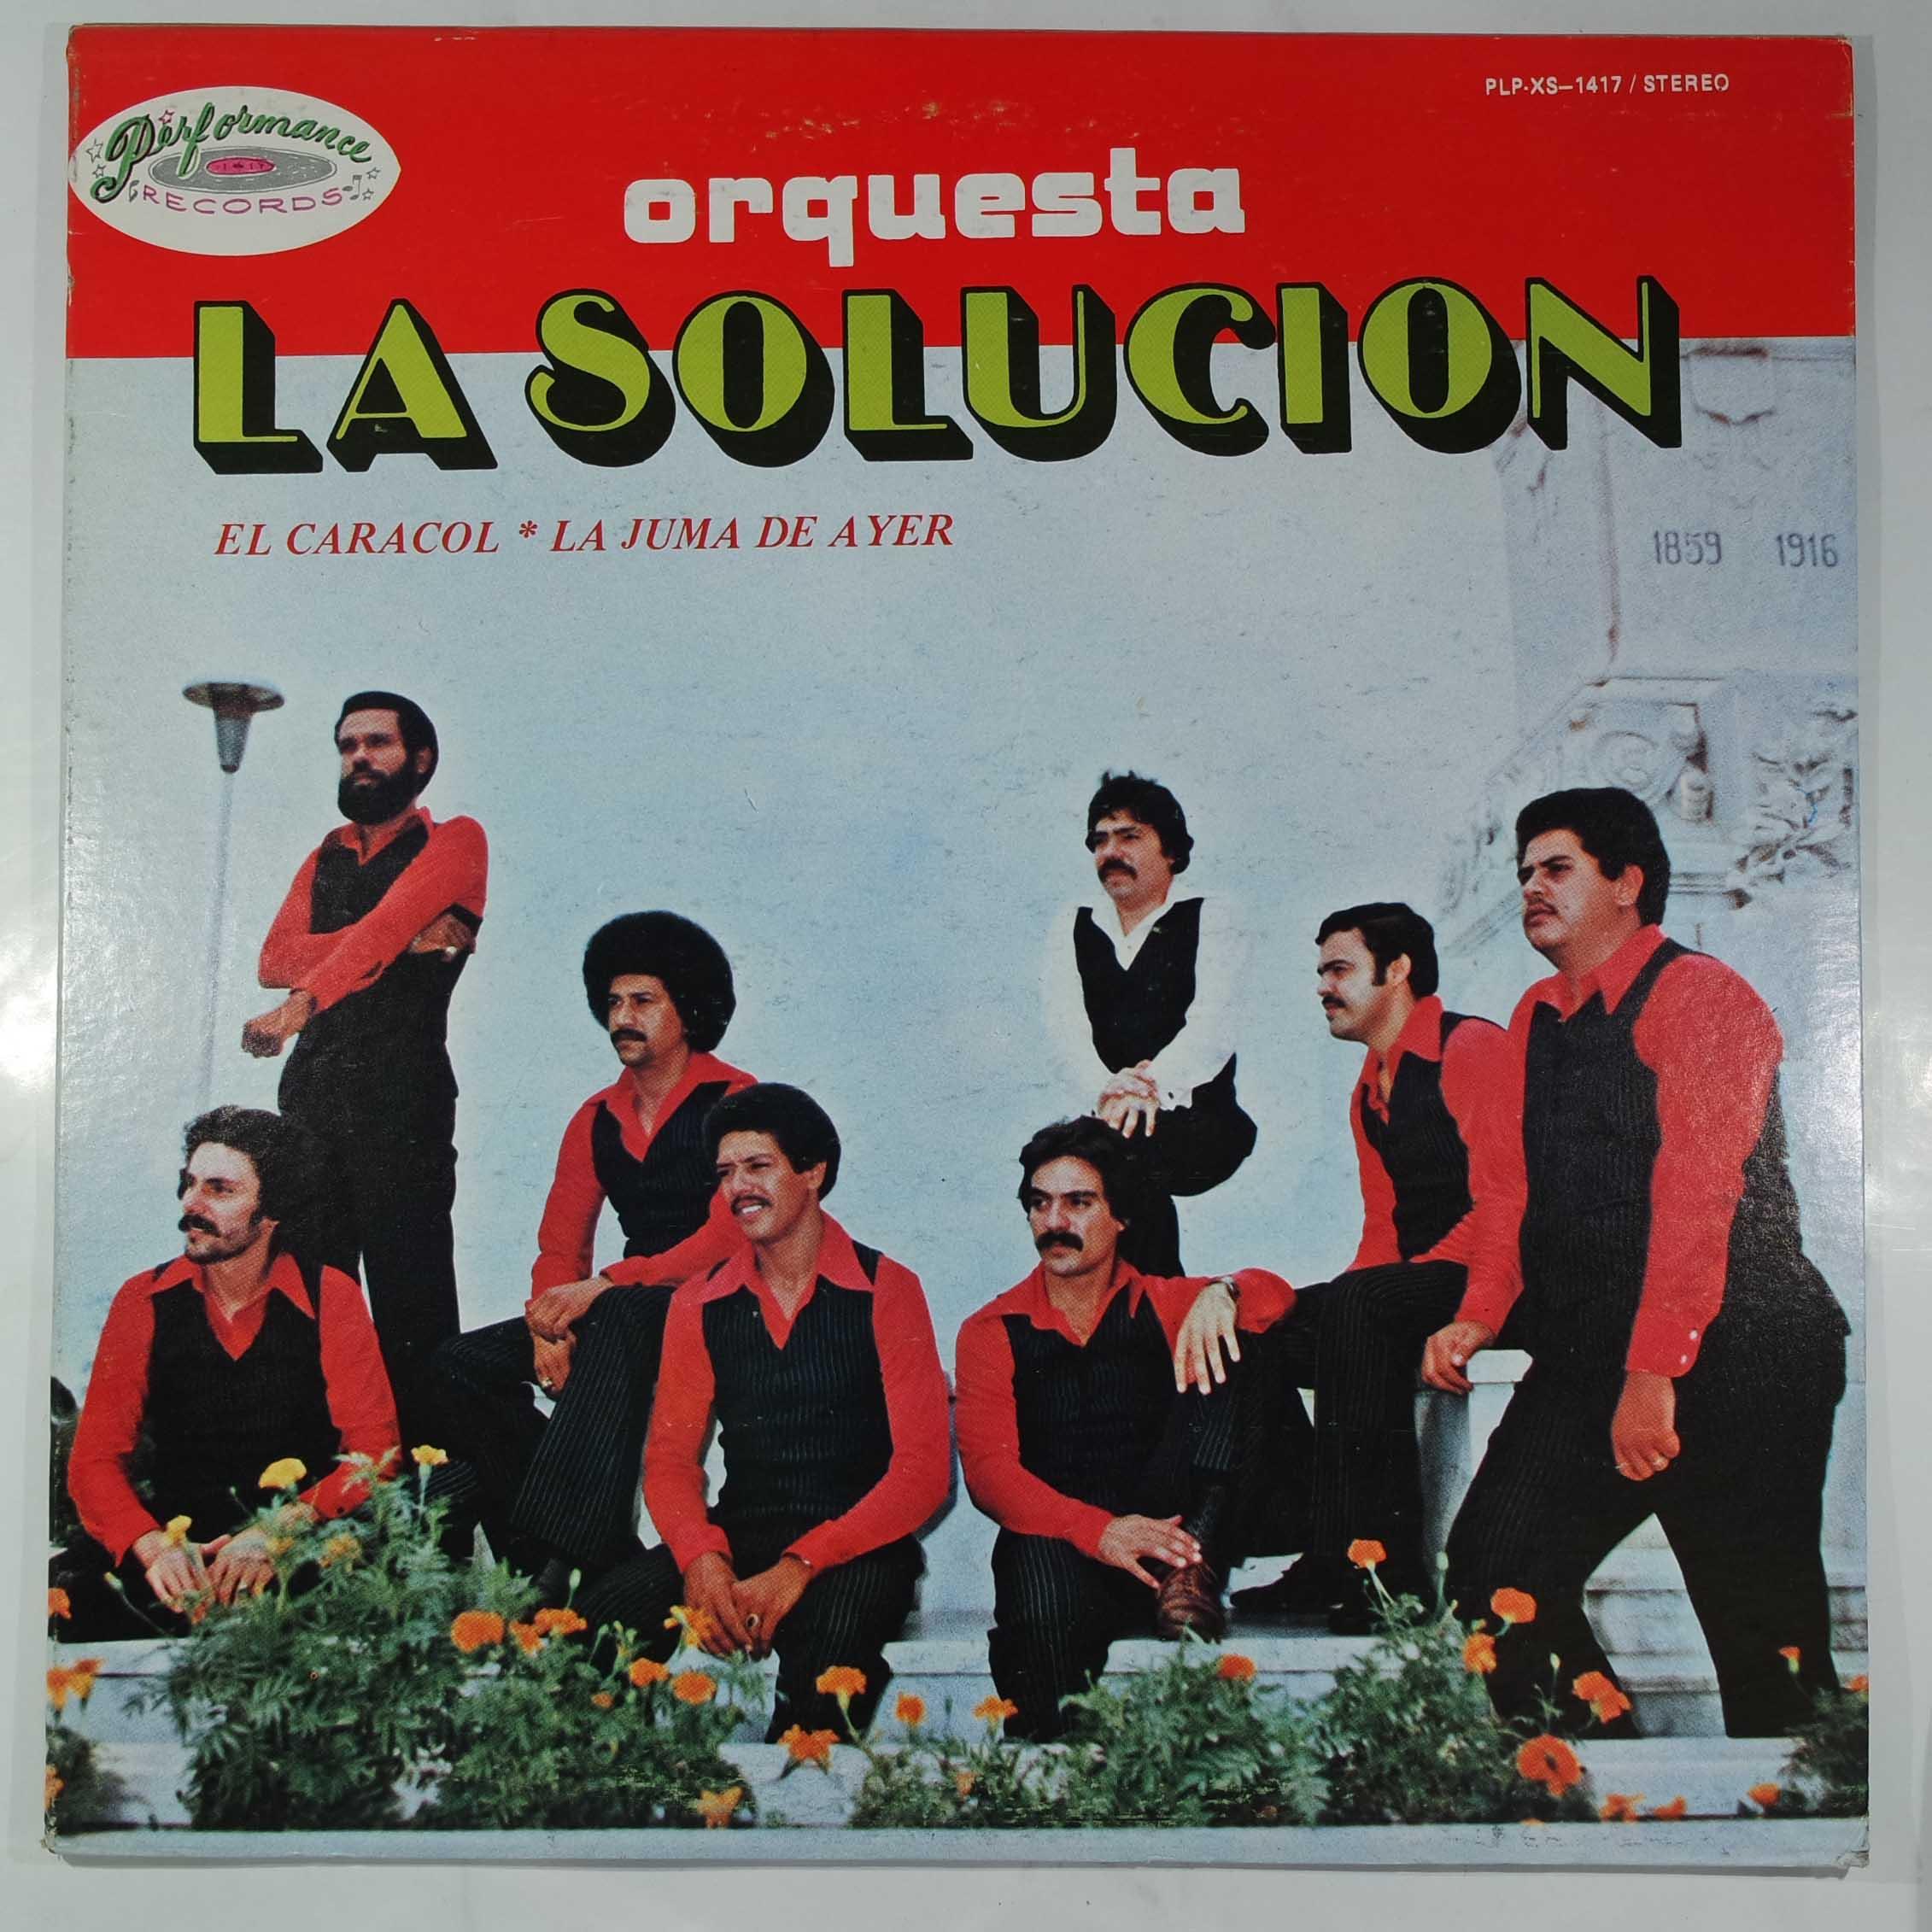 ORQUESTA LA SOLUCION - Same - LP